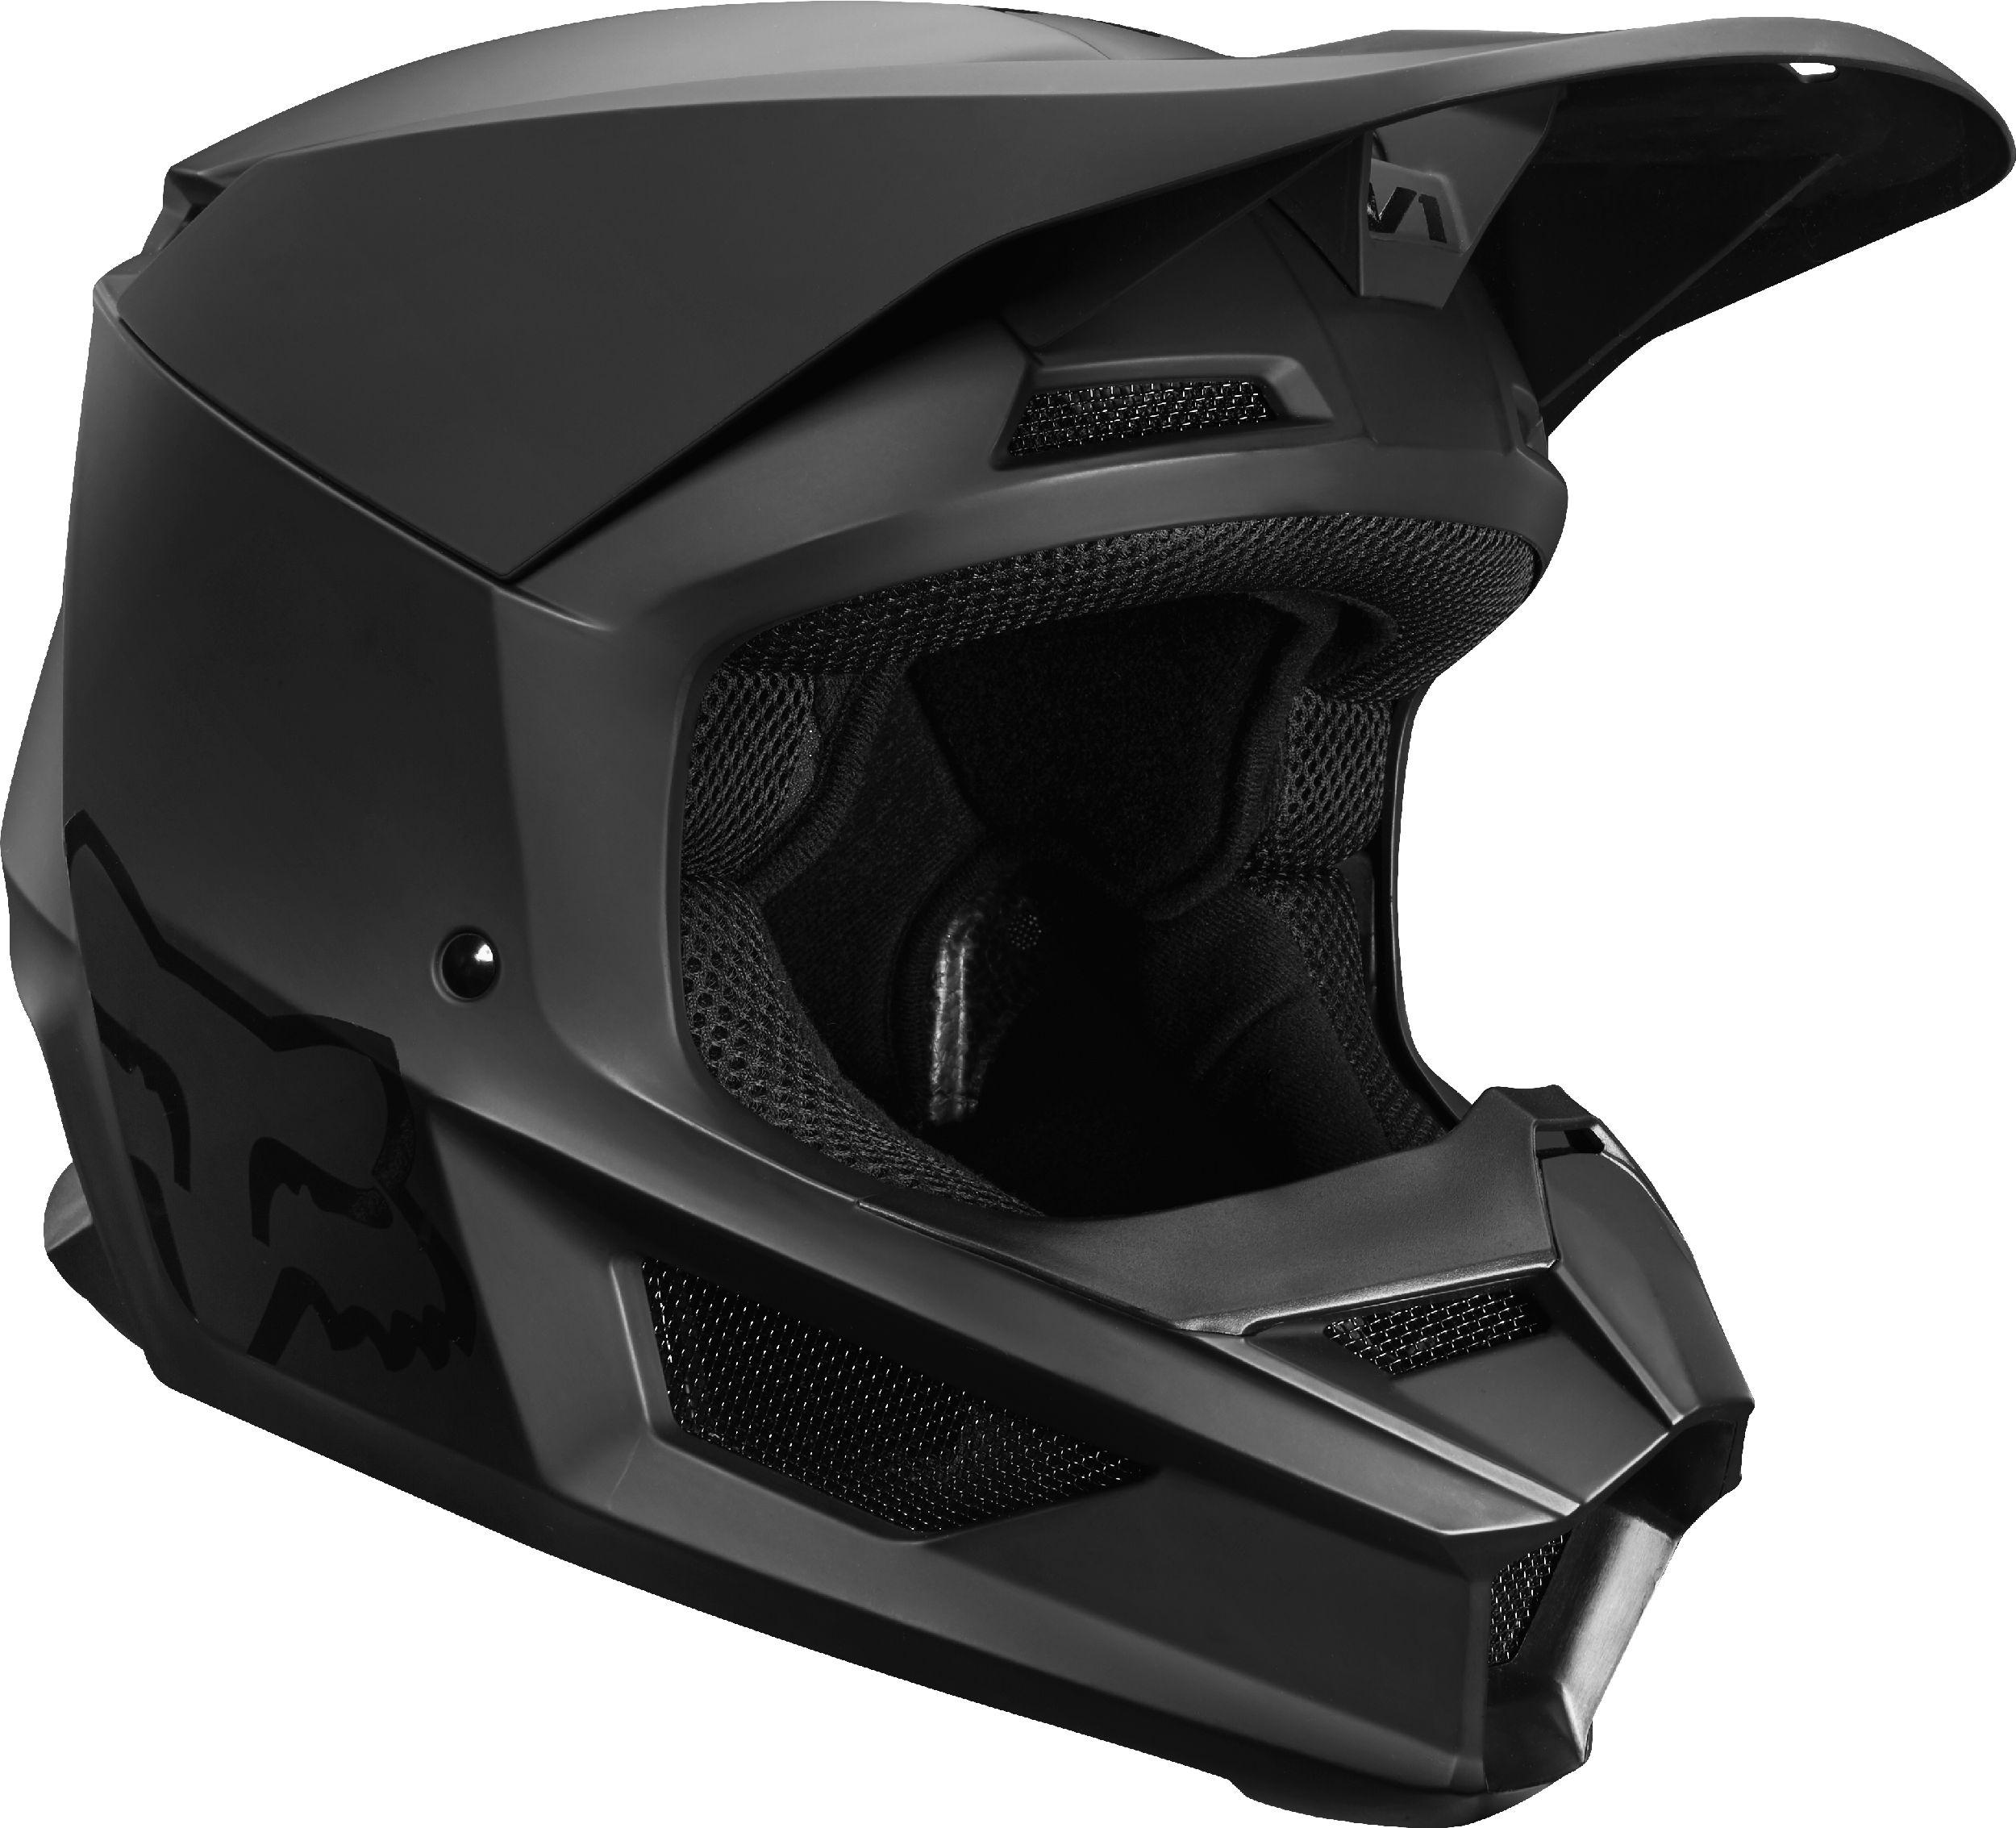 Dirt Bike Helmet With Visor >> Fox Racing Youth V1 Matte Black Dirt Bike Helmet Motocross Atv Utv